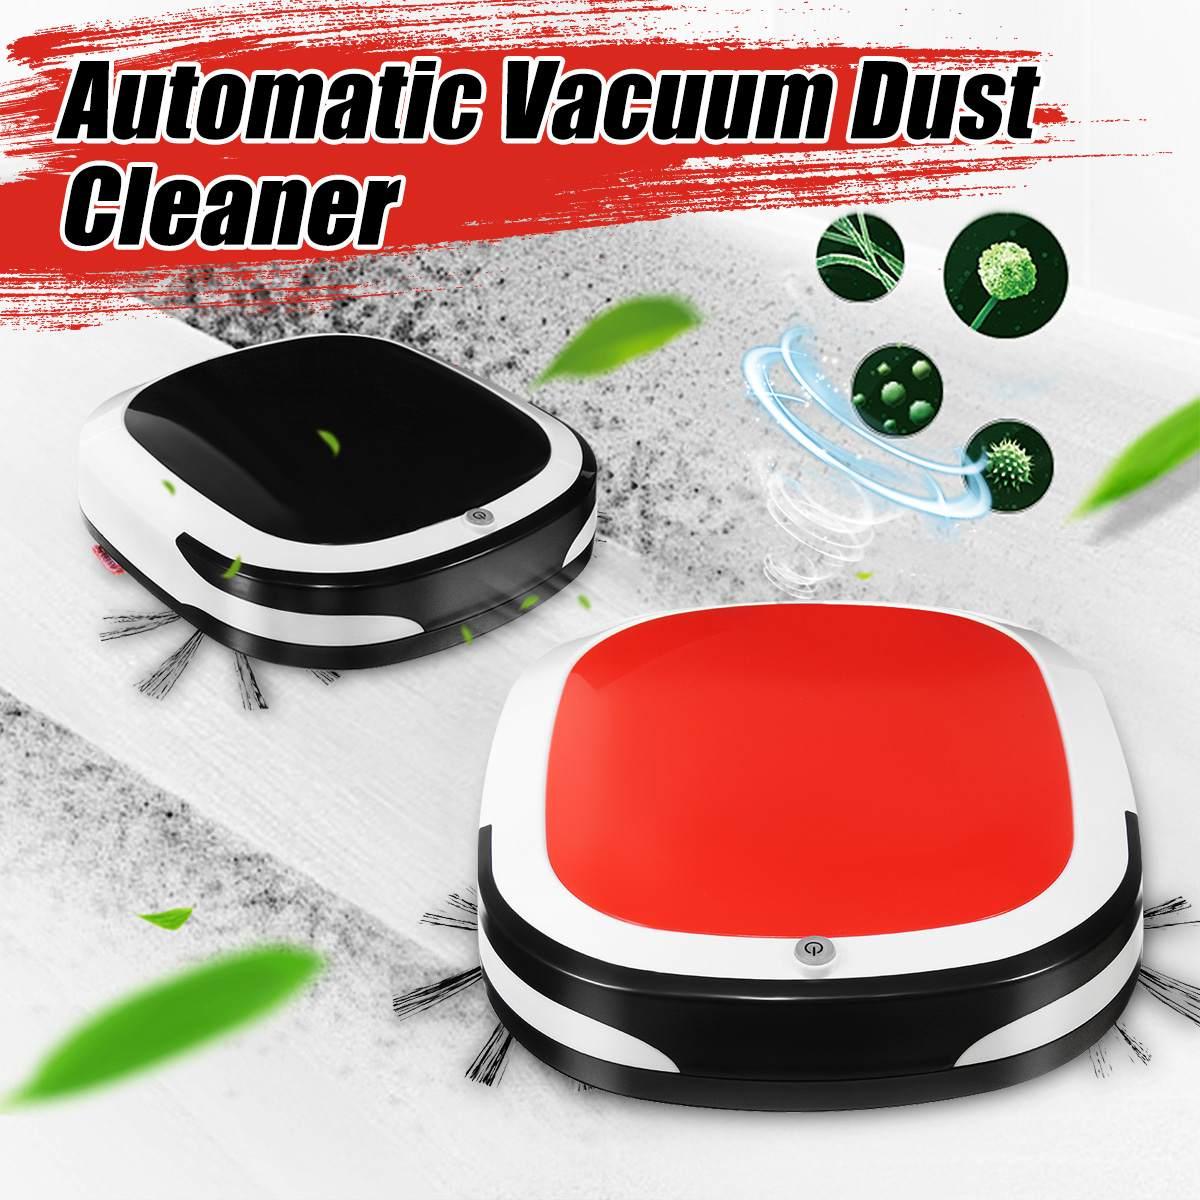 Rechargeable Électrique Sans Fil Balayage Robot Nettoyeur Automatique Robot aspirateur Ménage serpillière de nettoyage la Parole